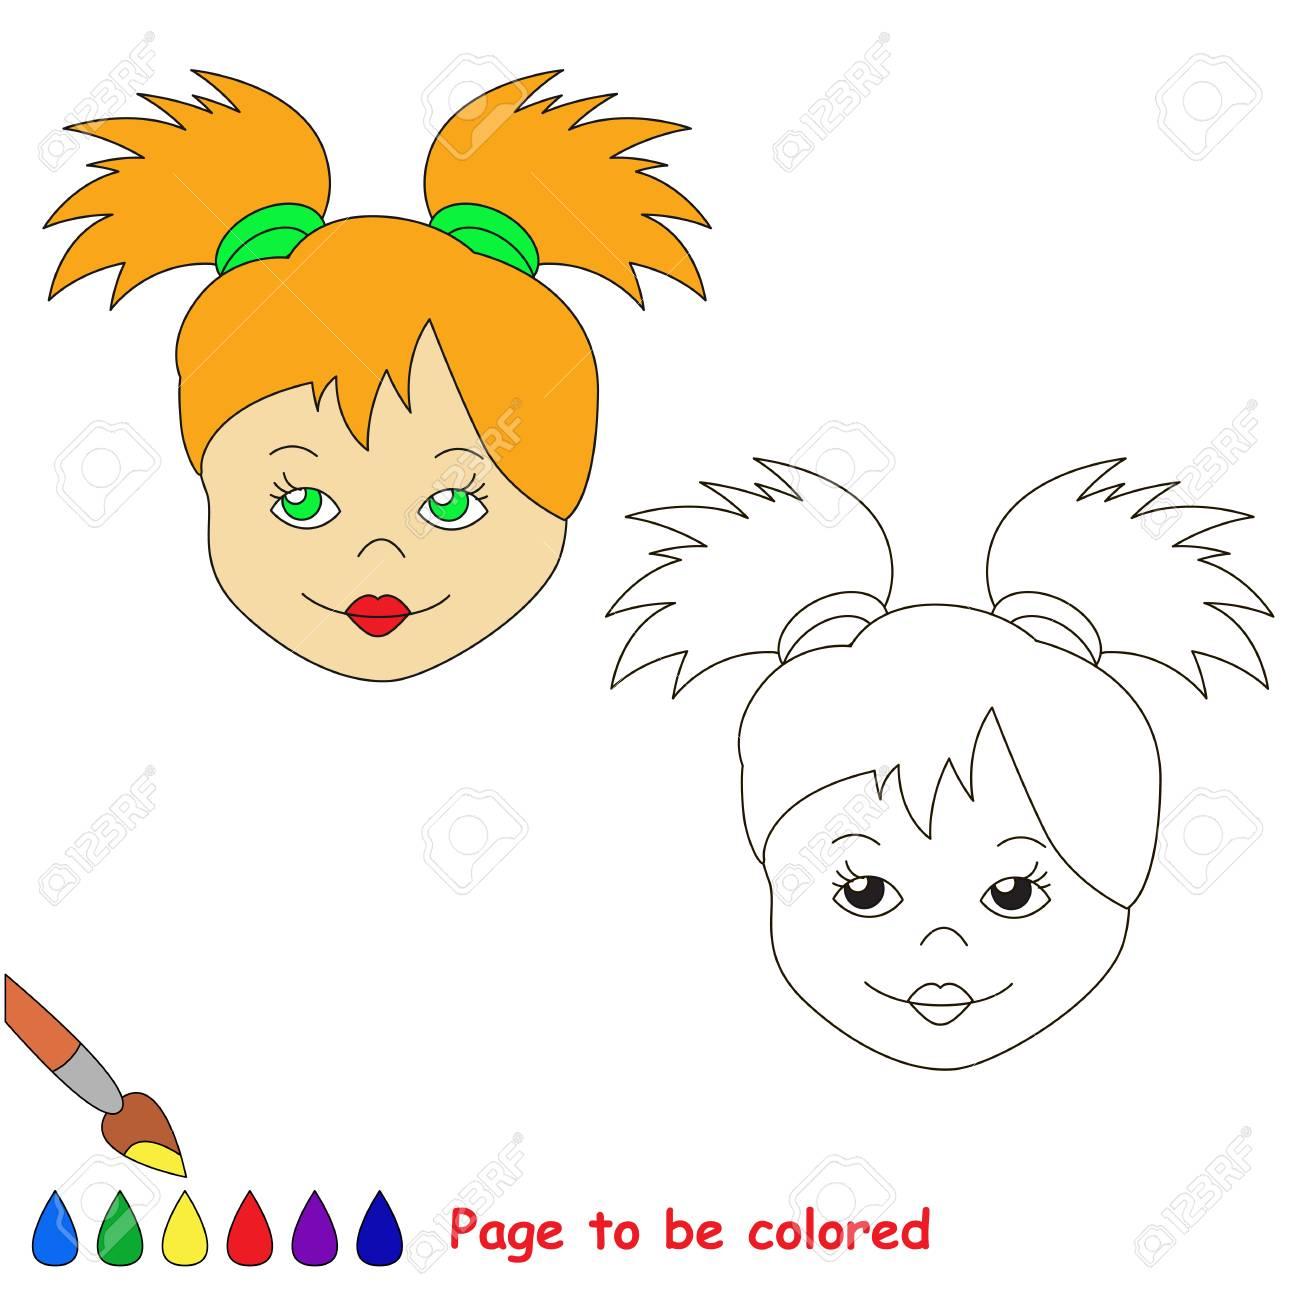 Cara De Muñeca Para Colorear El Libro Para Colorear Para Niños Preescolares Con Nivel De Juego Educativo Fácil